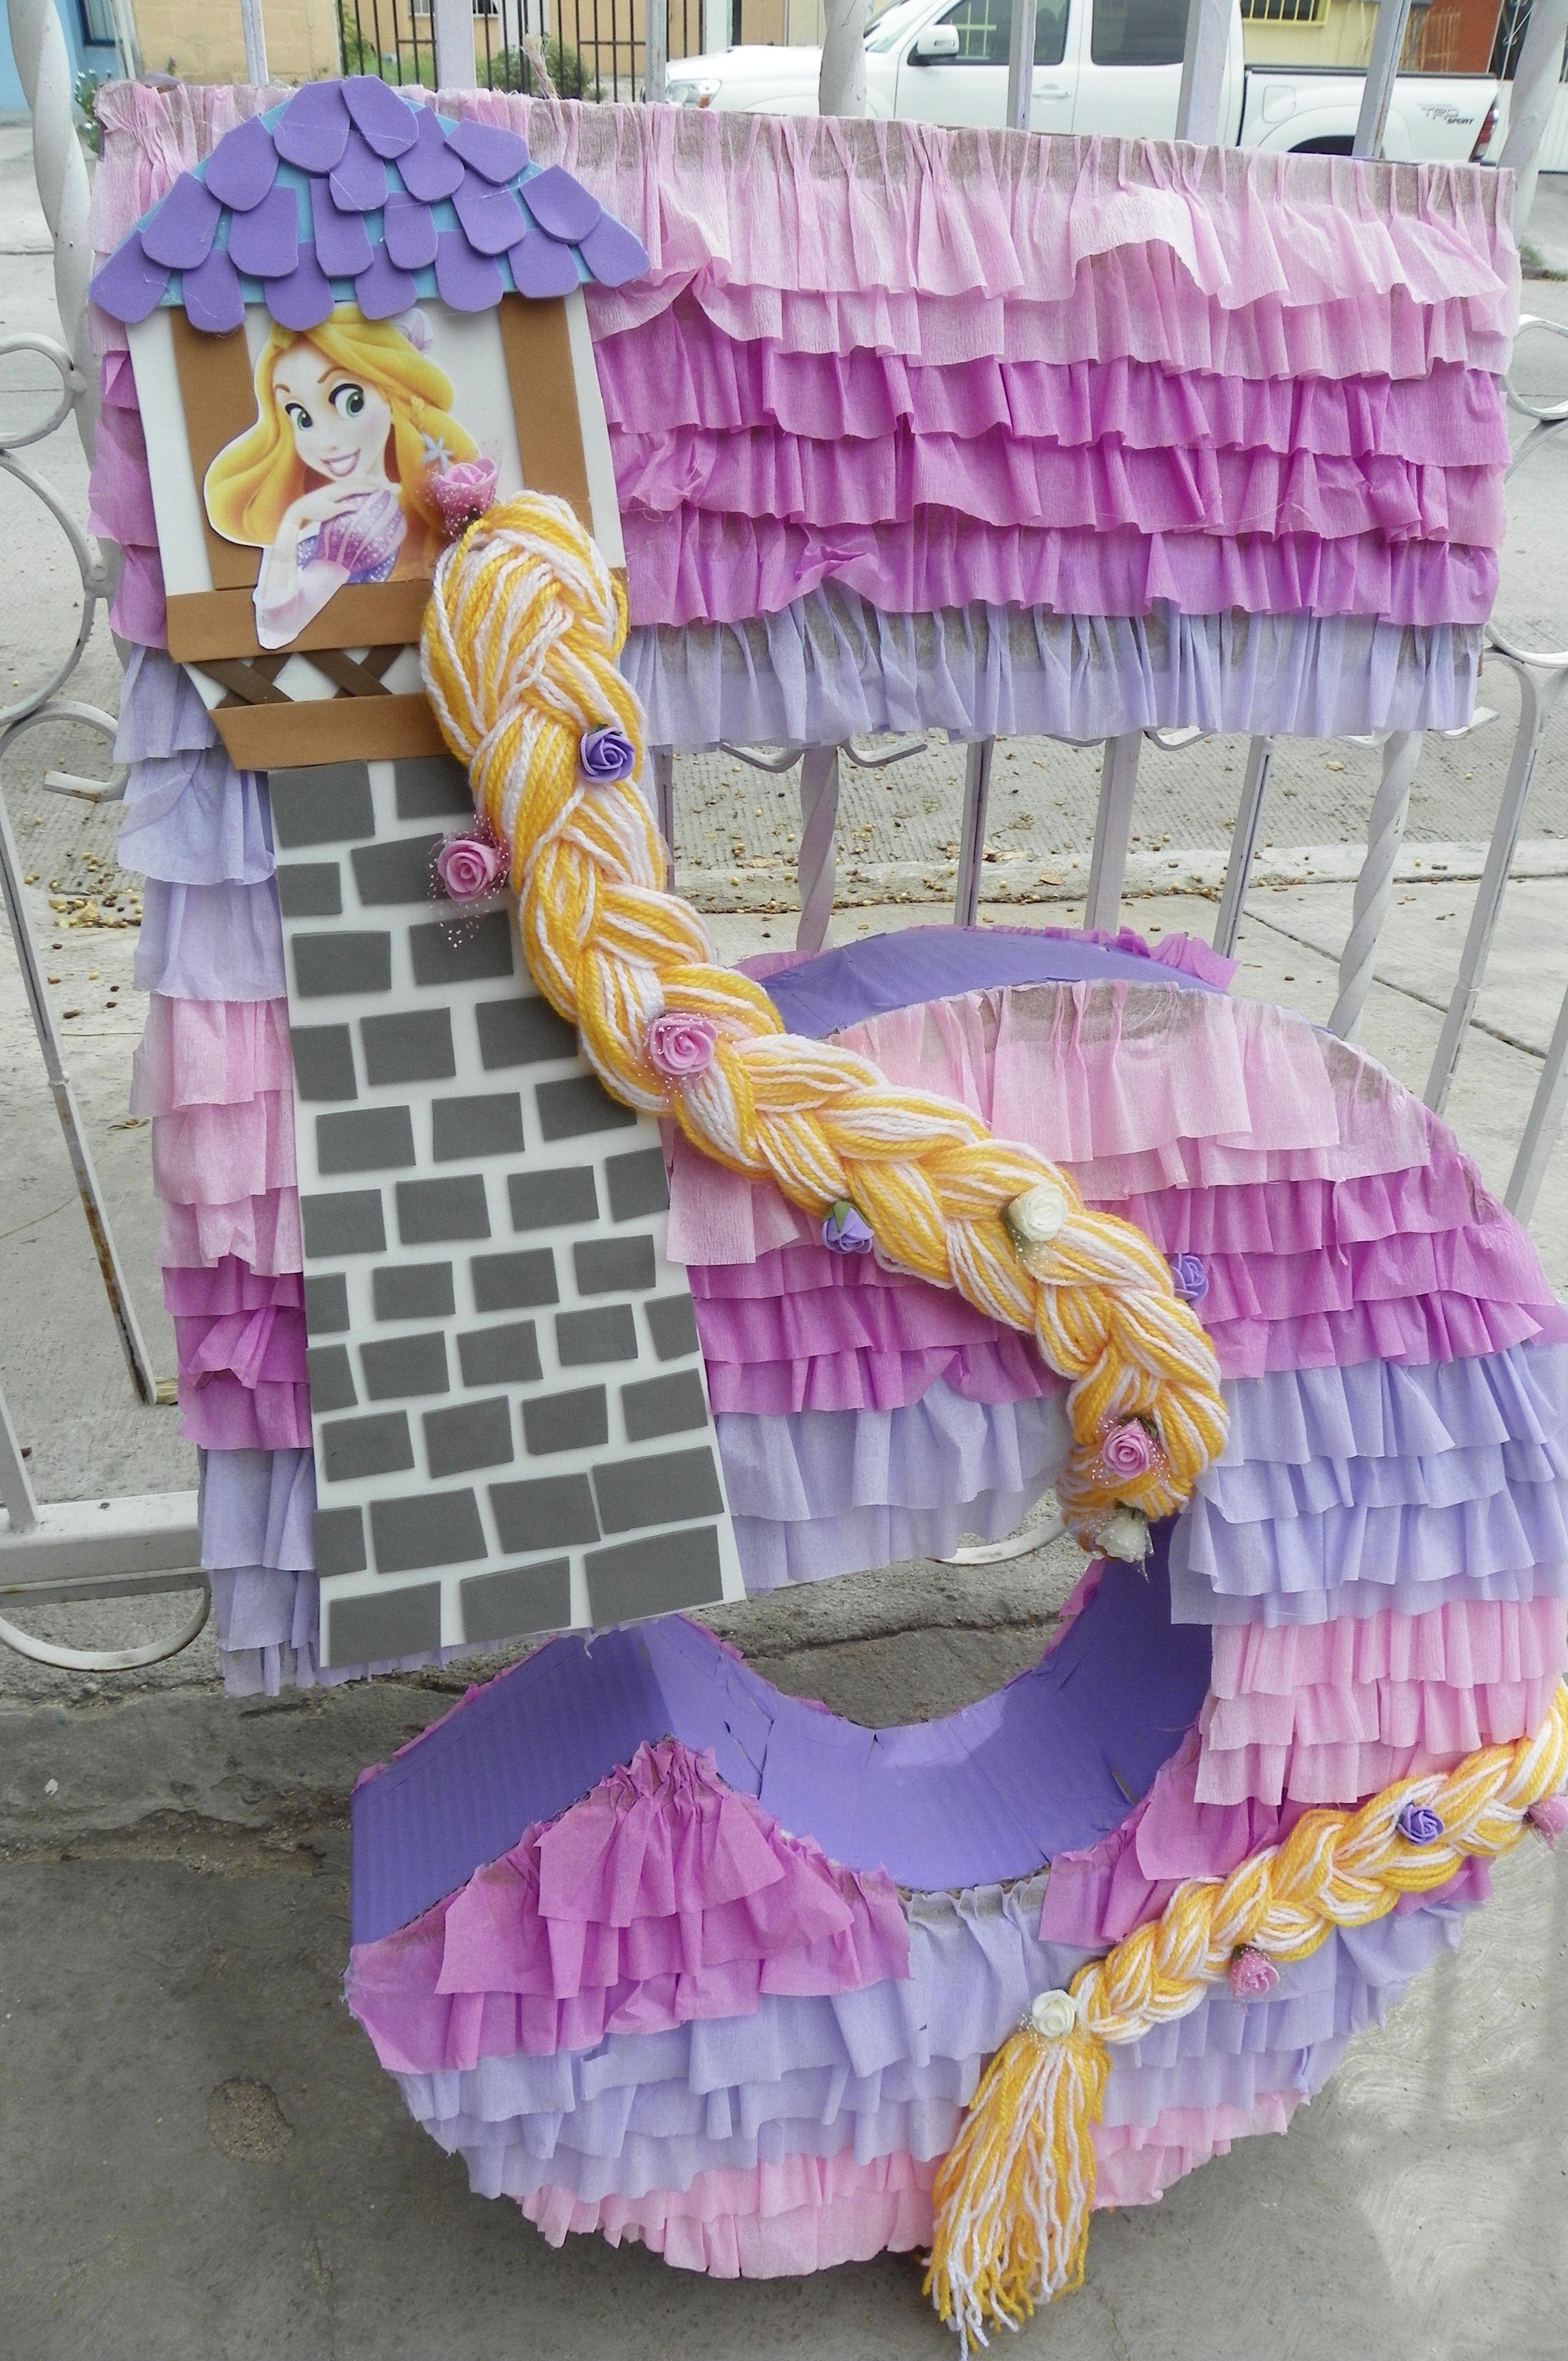 Pin de Elzy Roberti en Números | Pinterest | Piñatas, Fiestas y ...